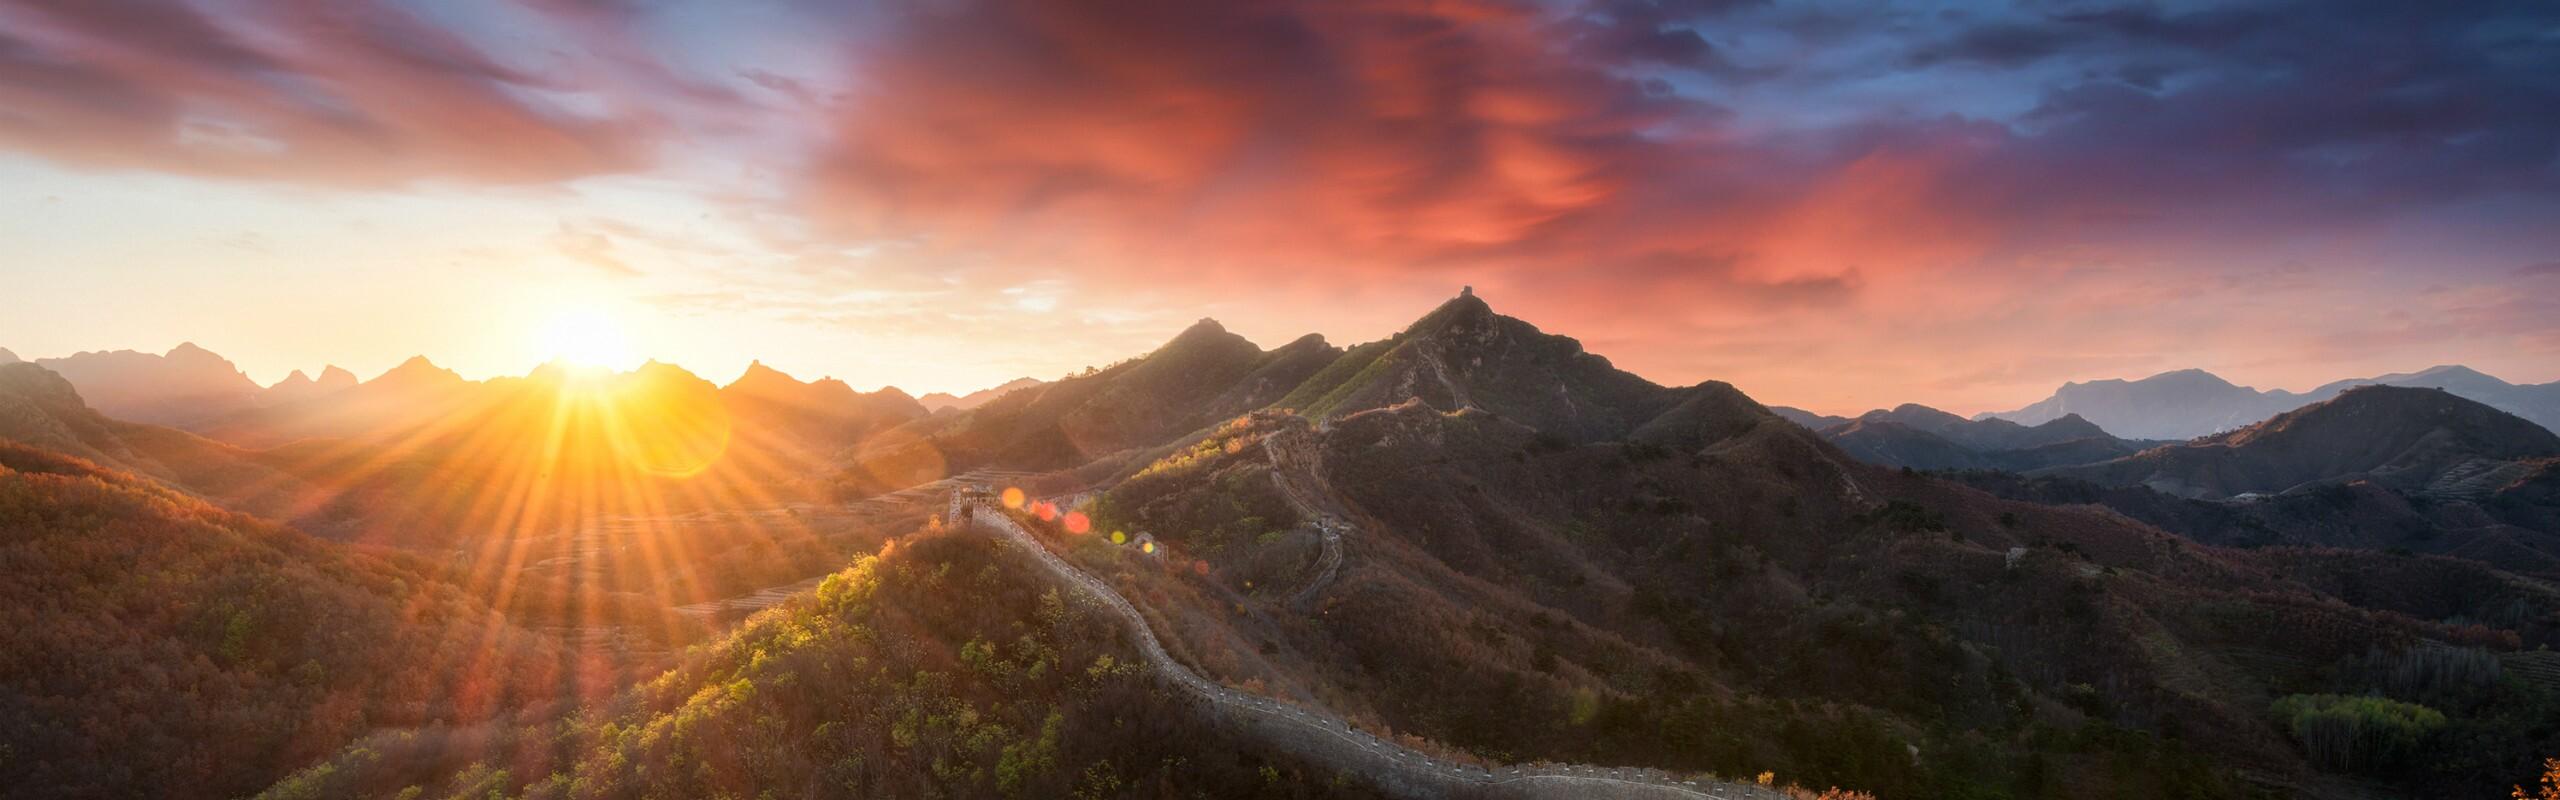 2 Days Mutianyu and Simatai Great Wall Night Tour